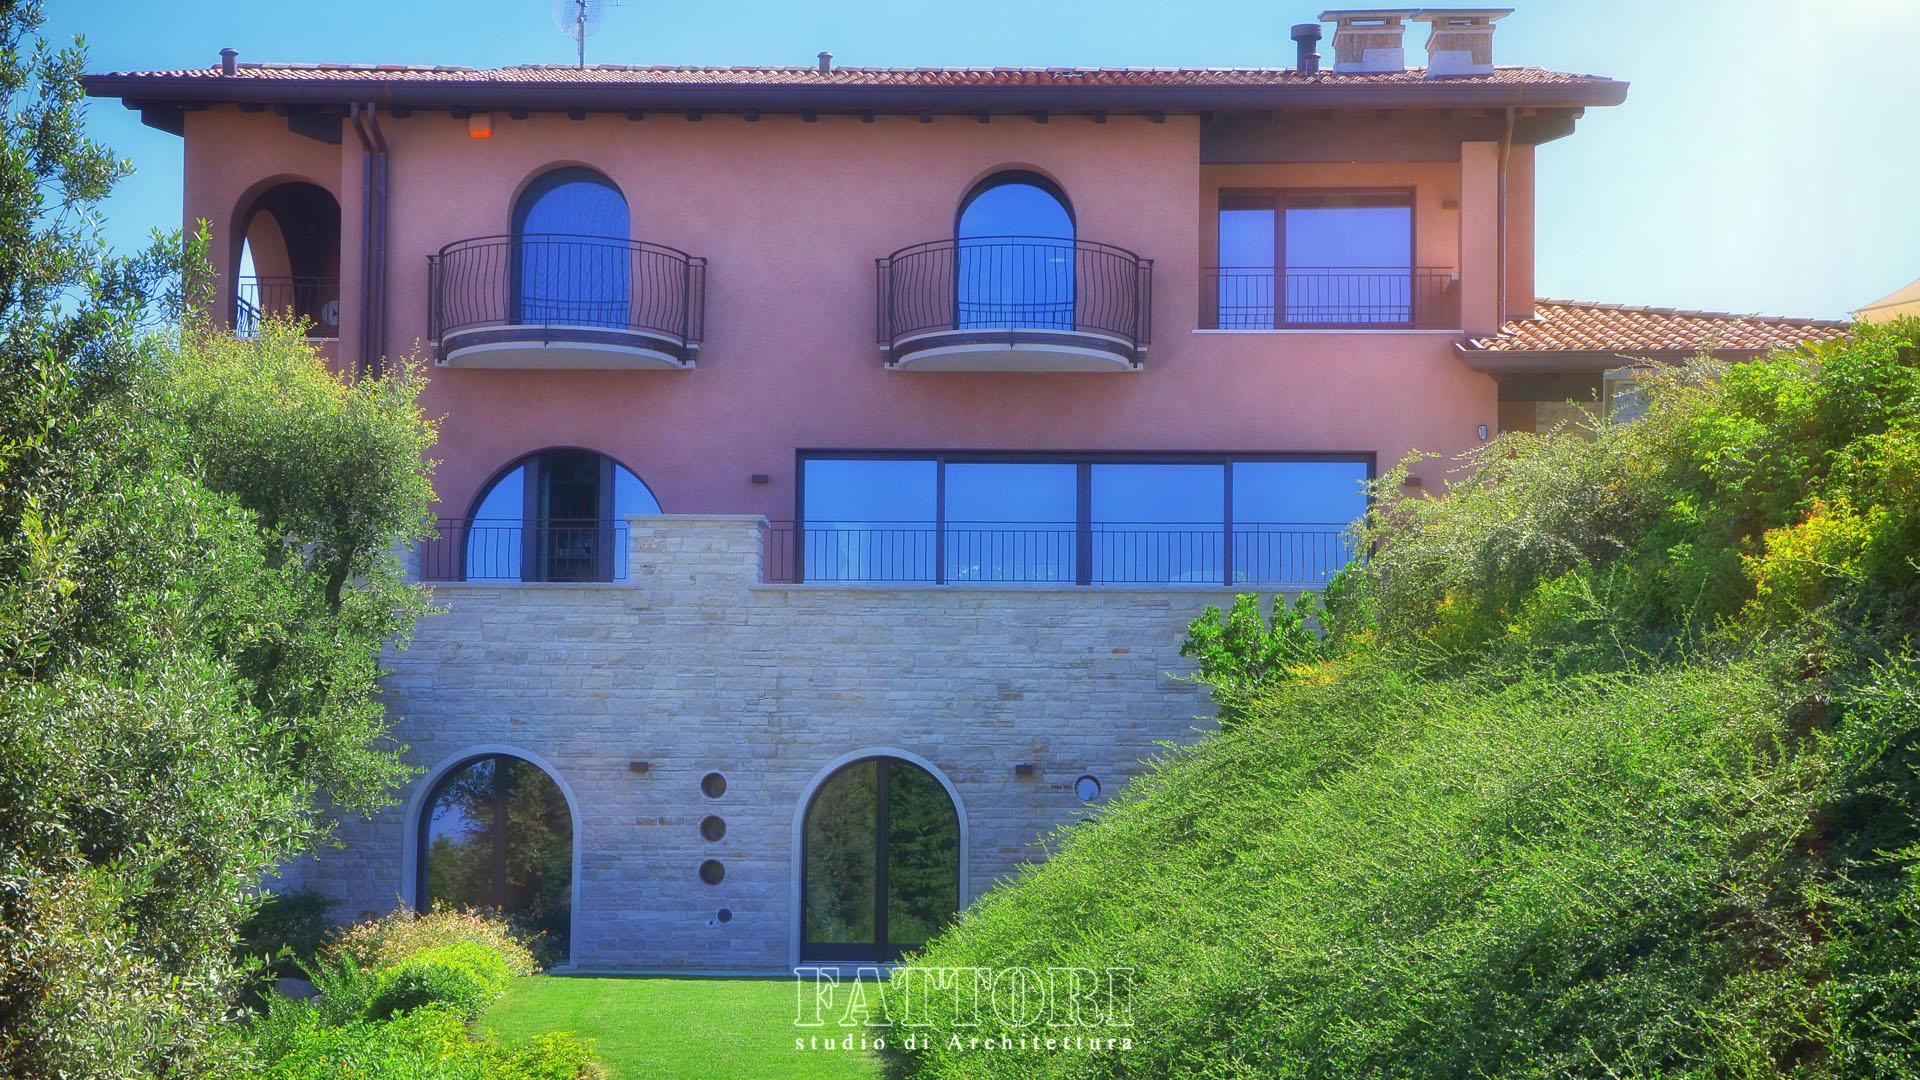 Studio di Architettura Fattori Fausto_progettazione ville residenziali_10